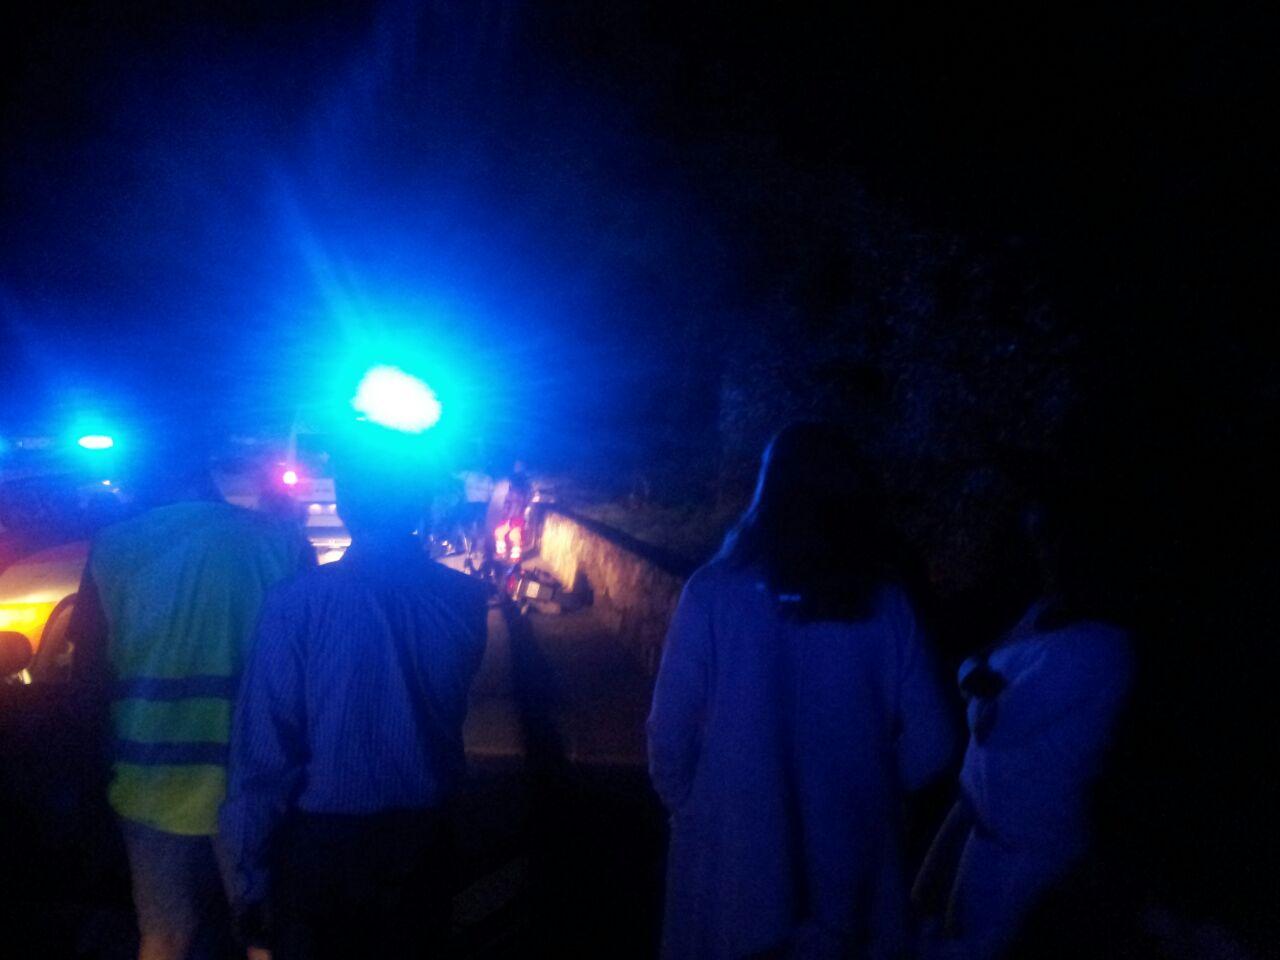 incidente moto ballabio notte